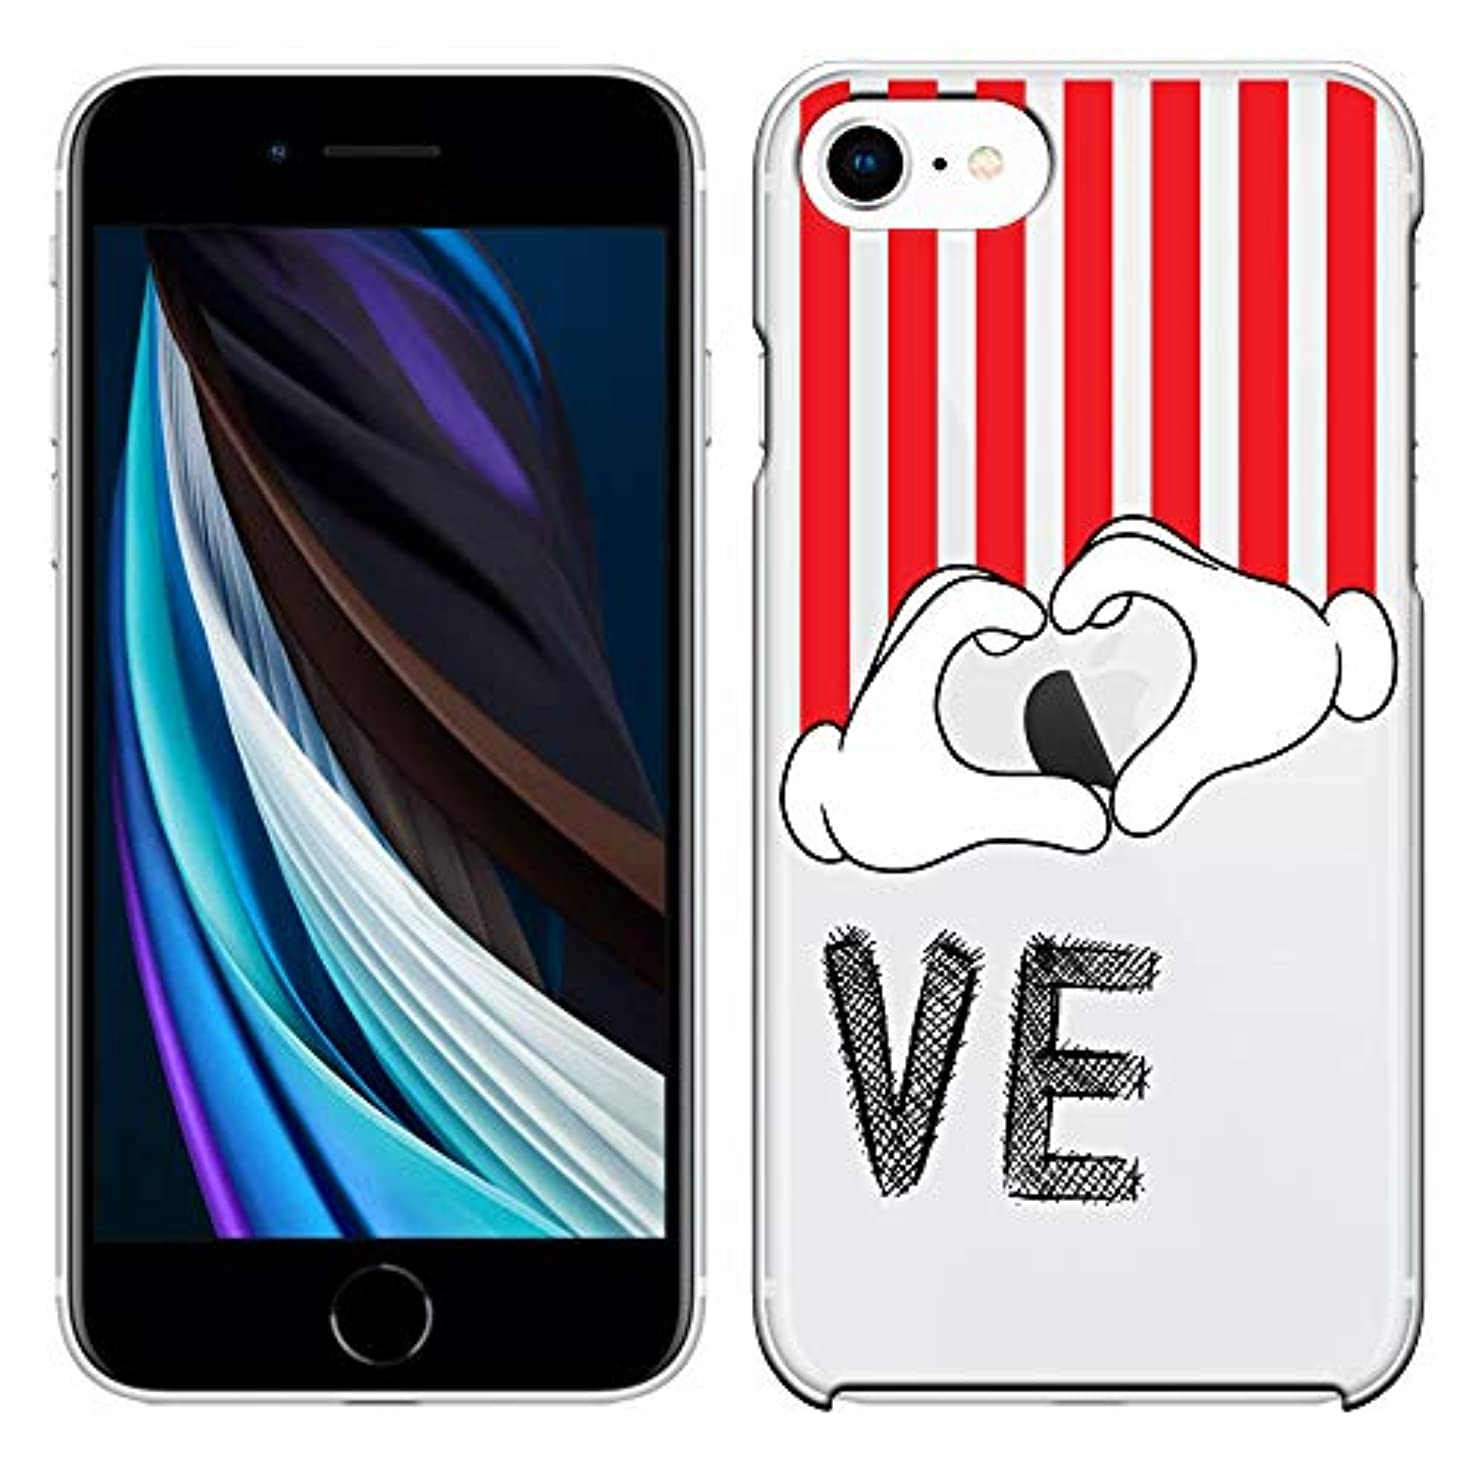 エキサイティングオプショナル競合他社選手iPhone SE ケース 第2世代 アイフォンSE2 カバー iPhone SE2 ケース 2020年新型 スマホケース 保護フィルム Breeze 正規品 ISE2-1838